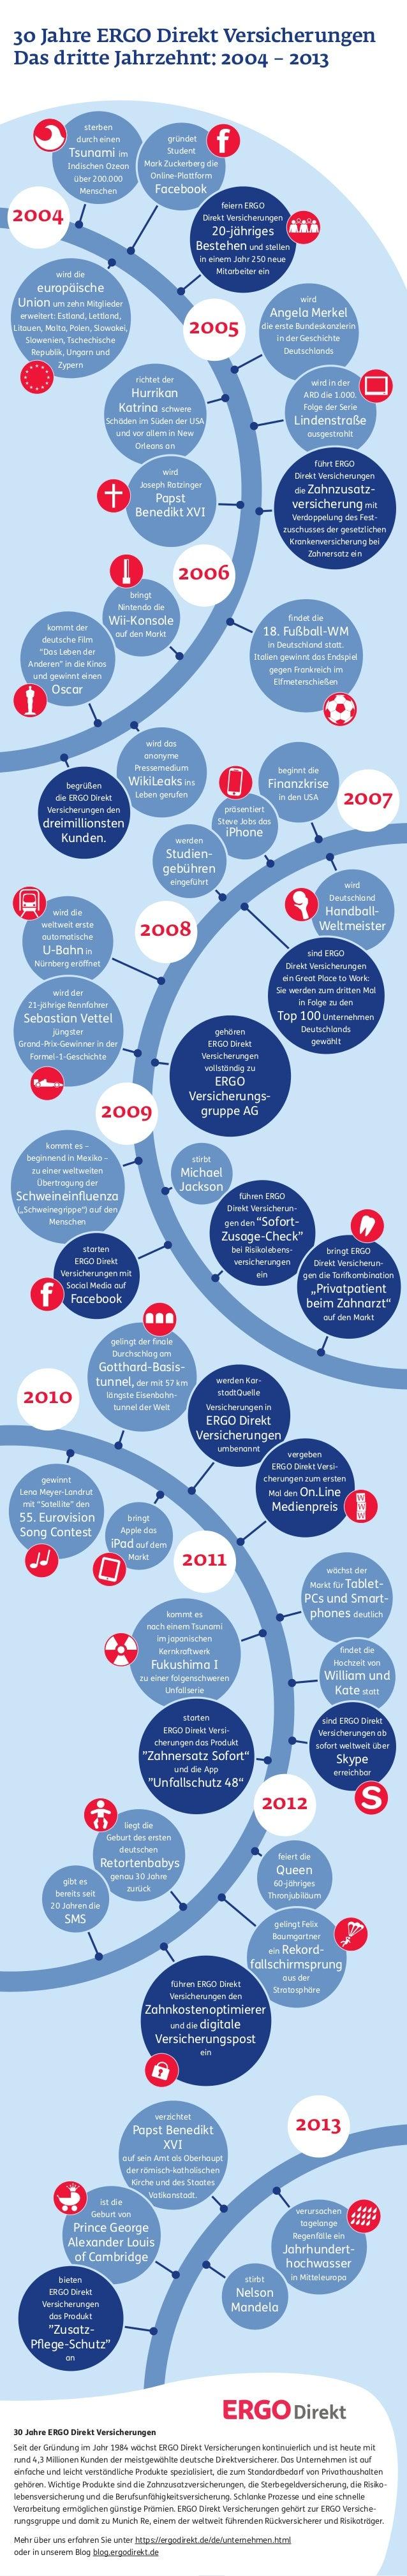 30 Jahre ERGO Direkt Versicherungen Das dritte Jahrzehnt: 2004 – 2013 sterben durch einen  Tsunami im Indischen Ozean übe...